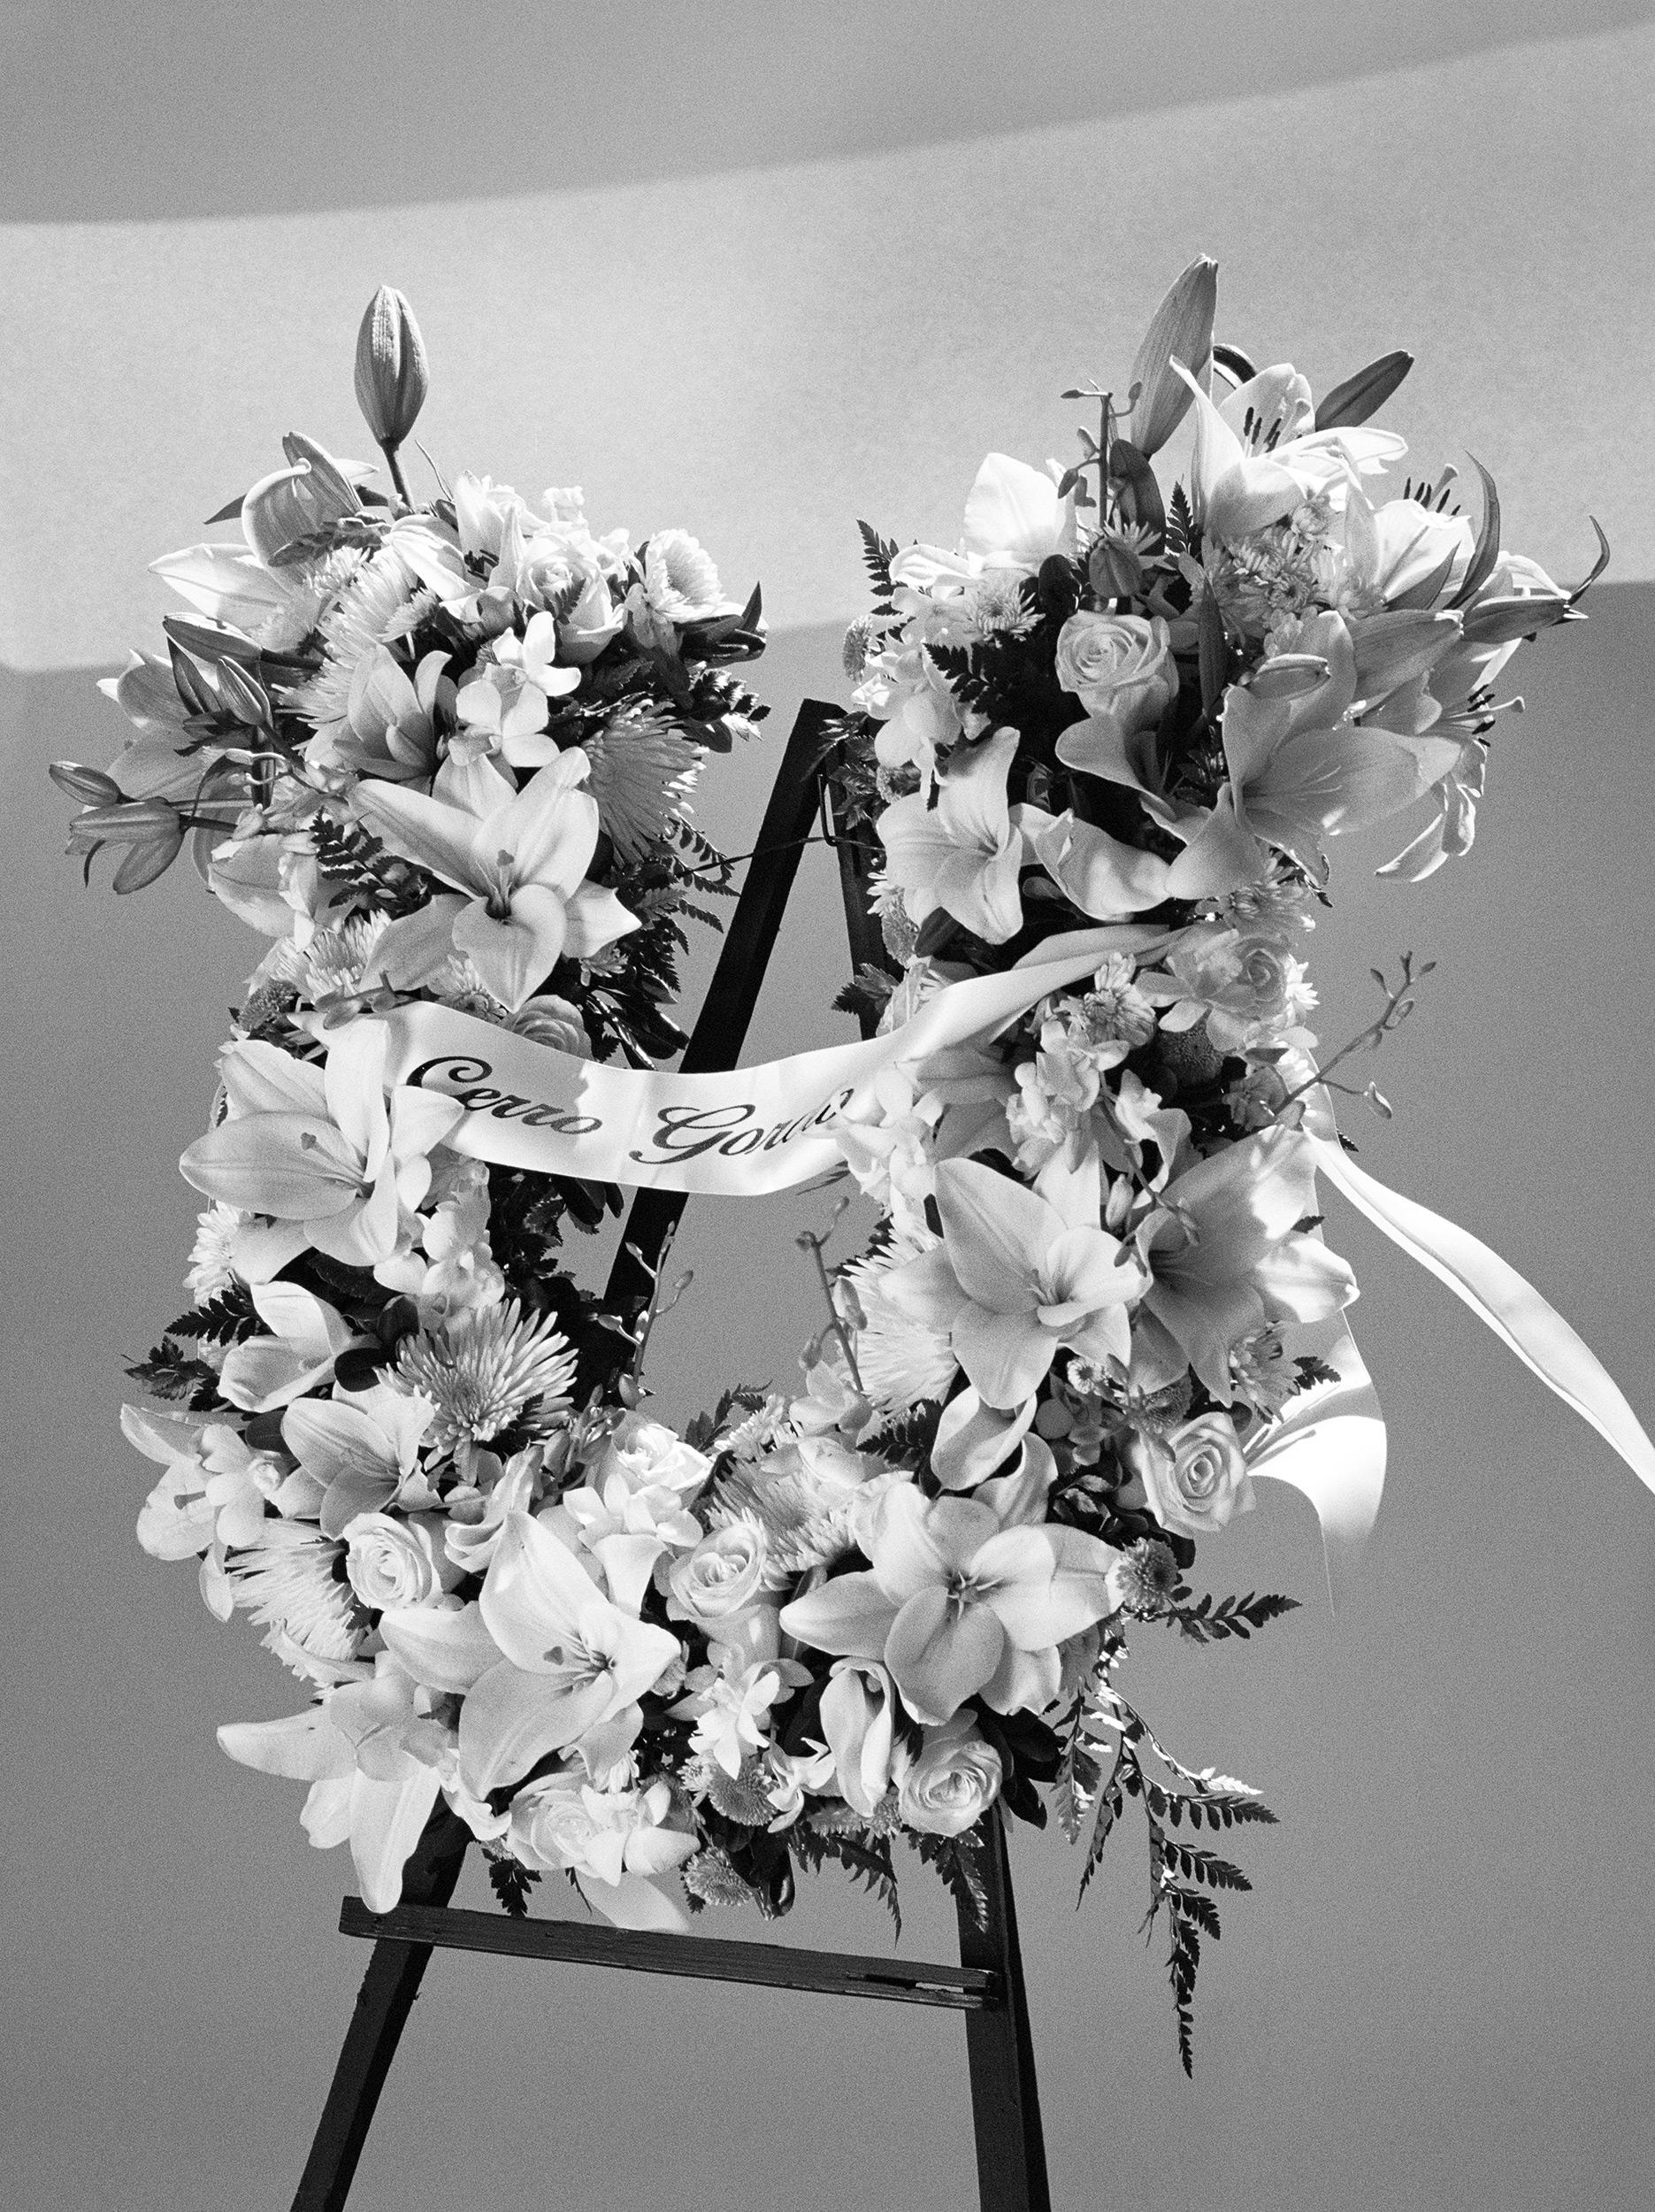 davidblack-cerrogordo-wreath